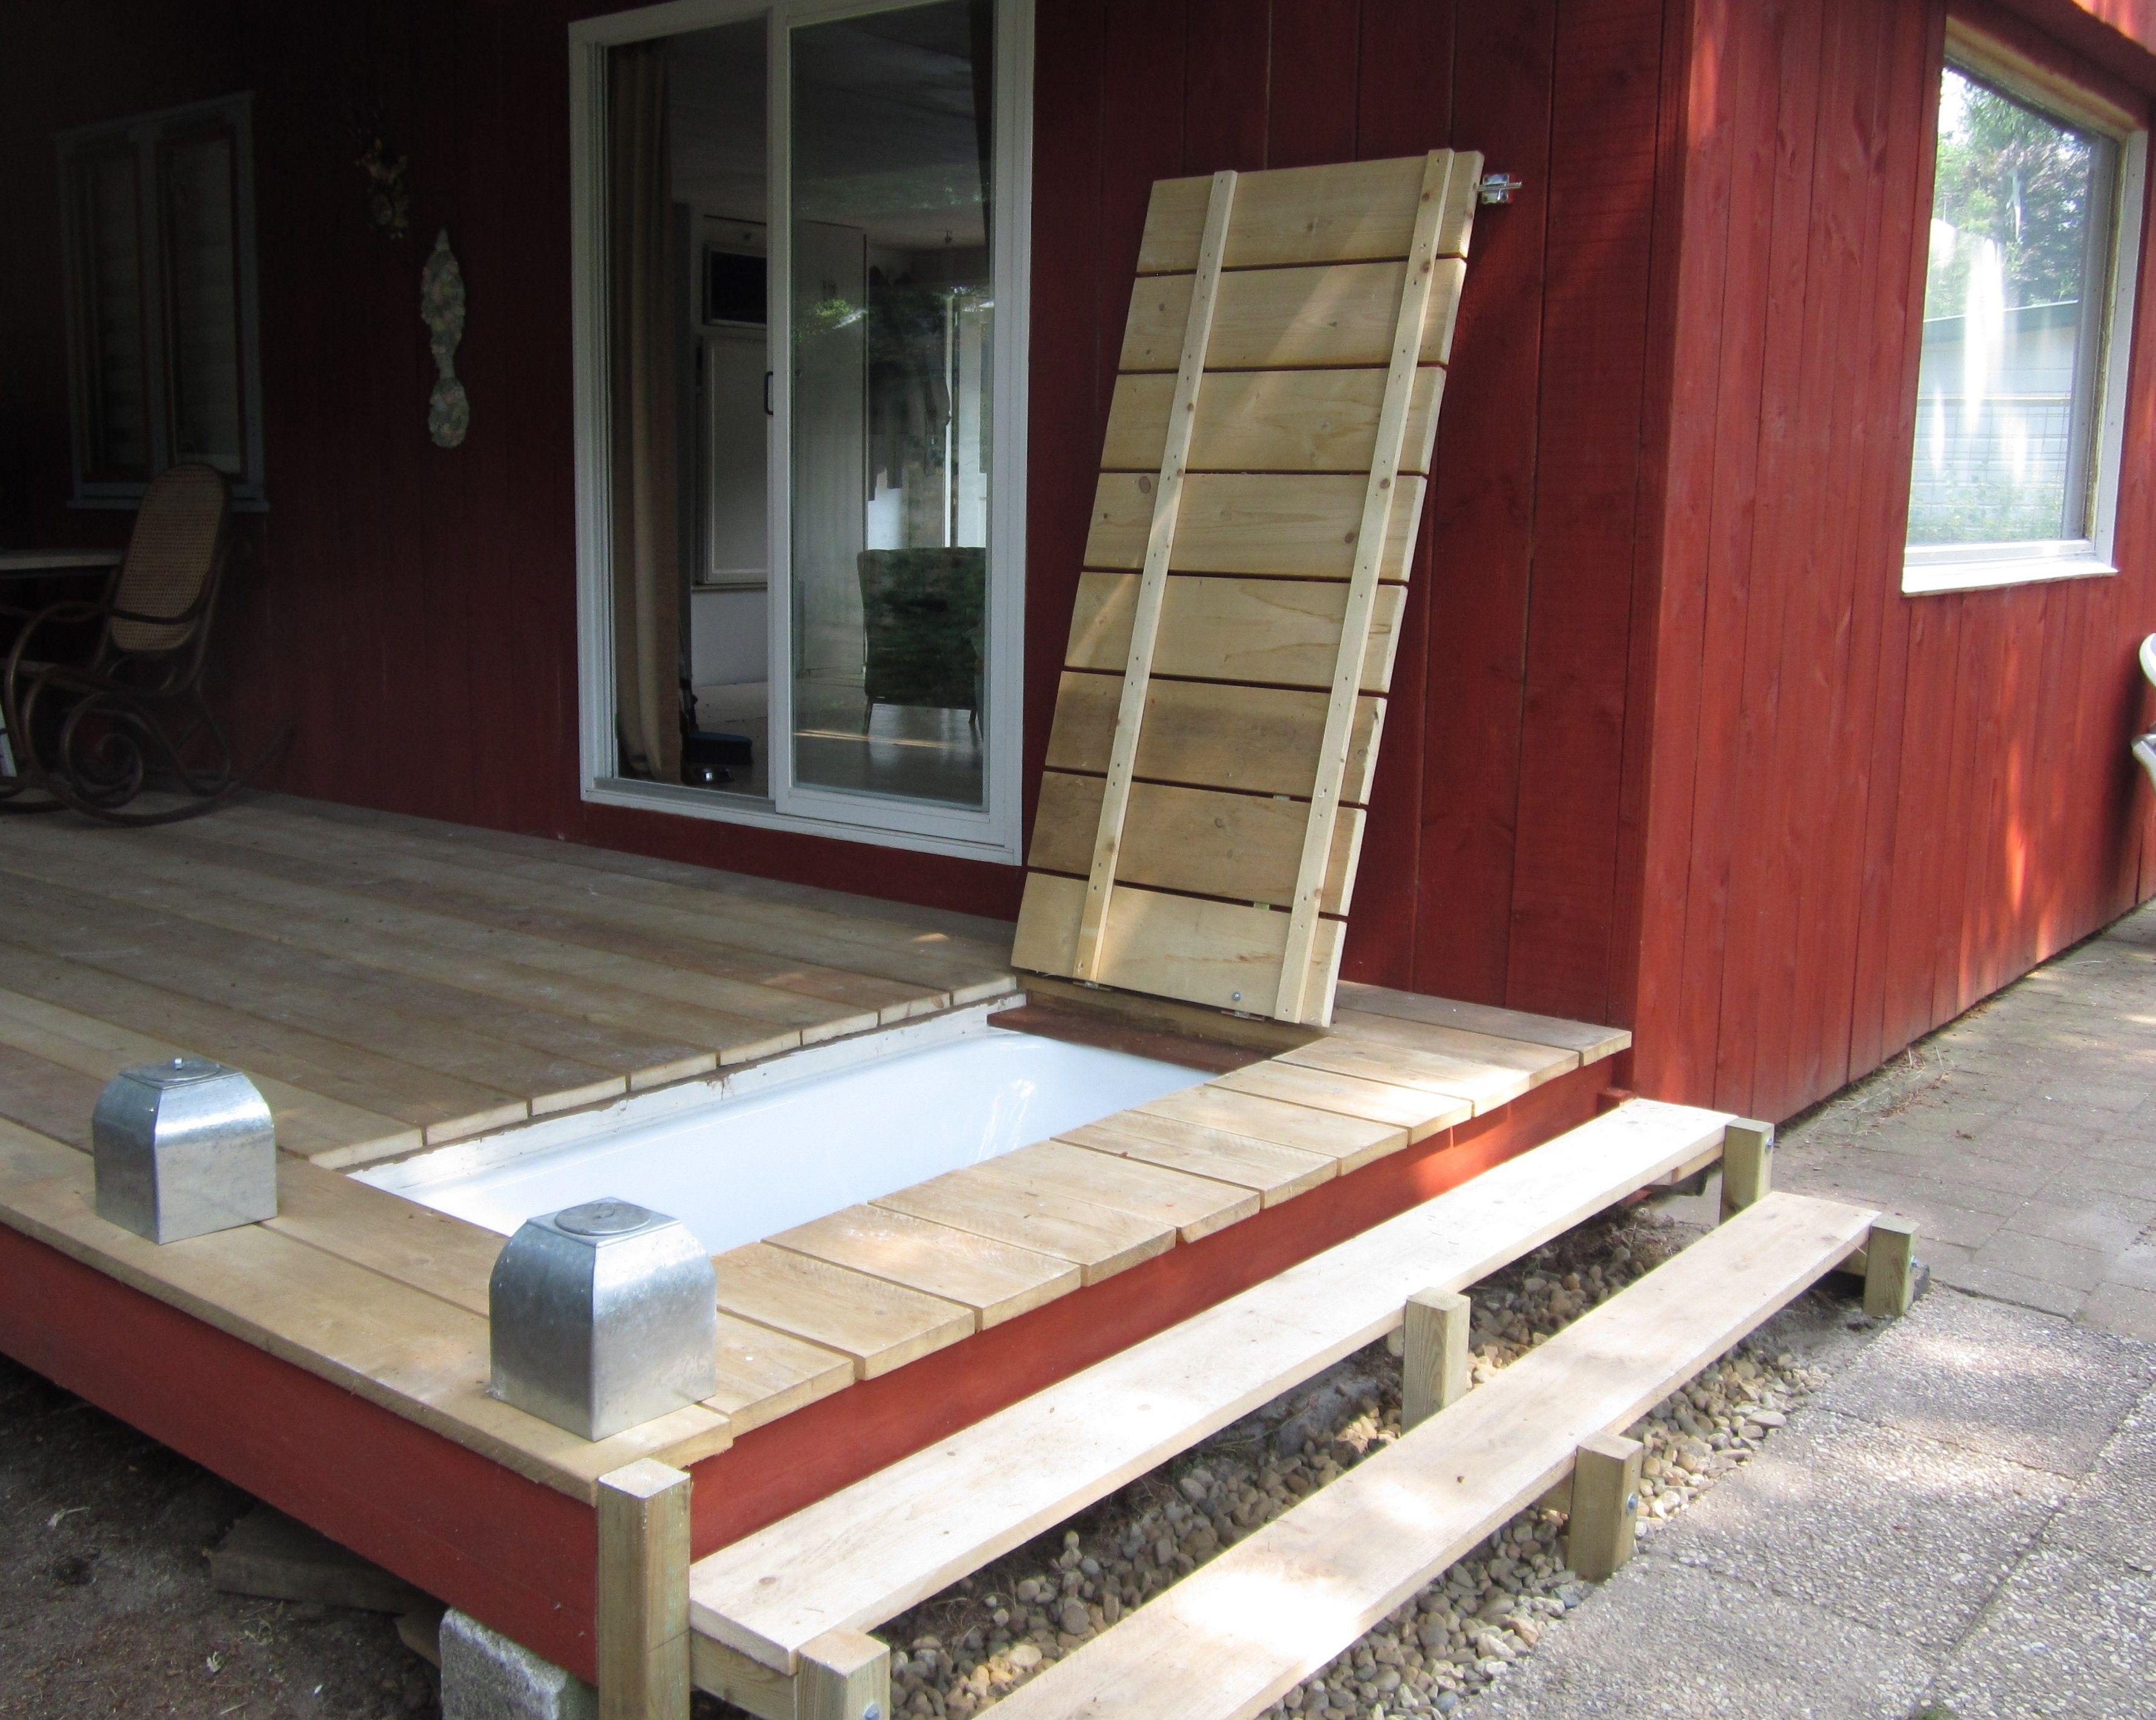 Bad in de vlonder gebouwd heerlijk met warm weer boekje drankje